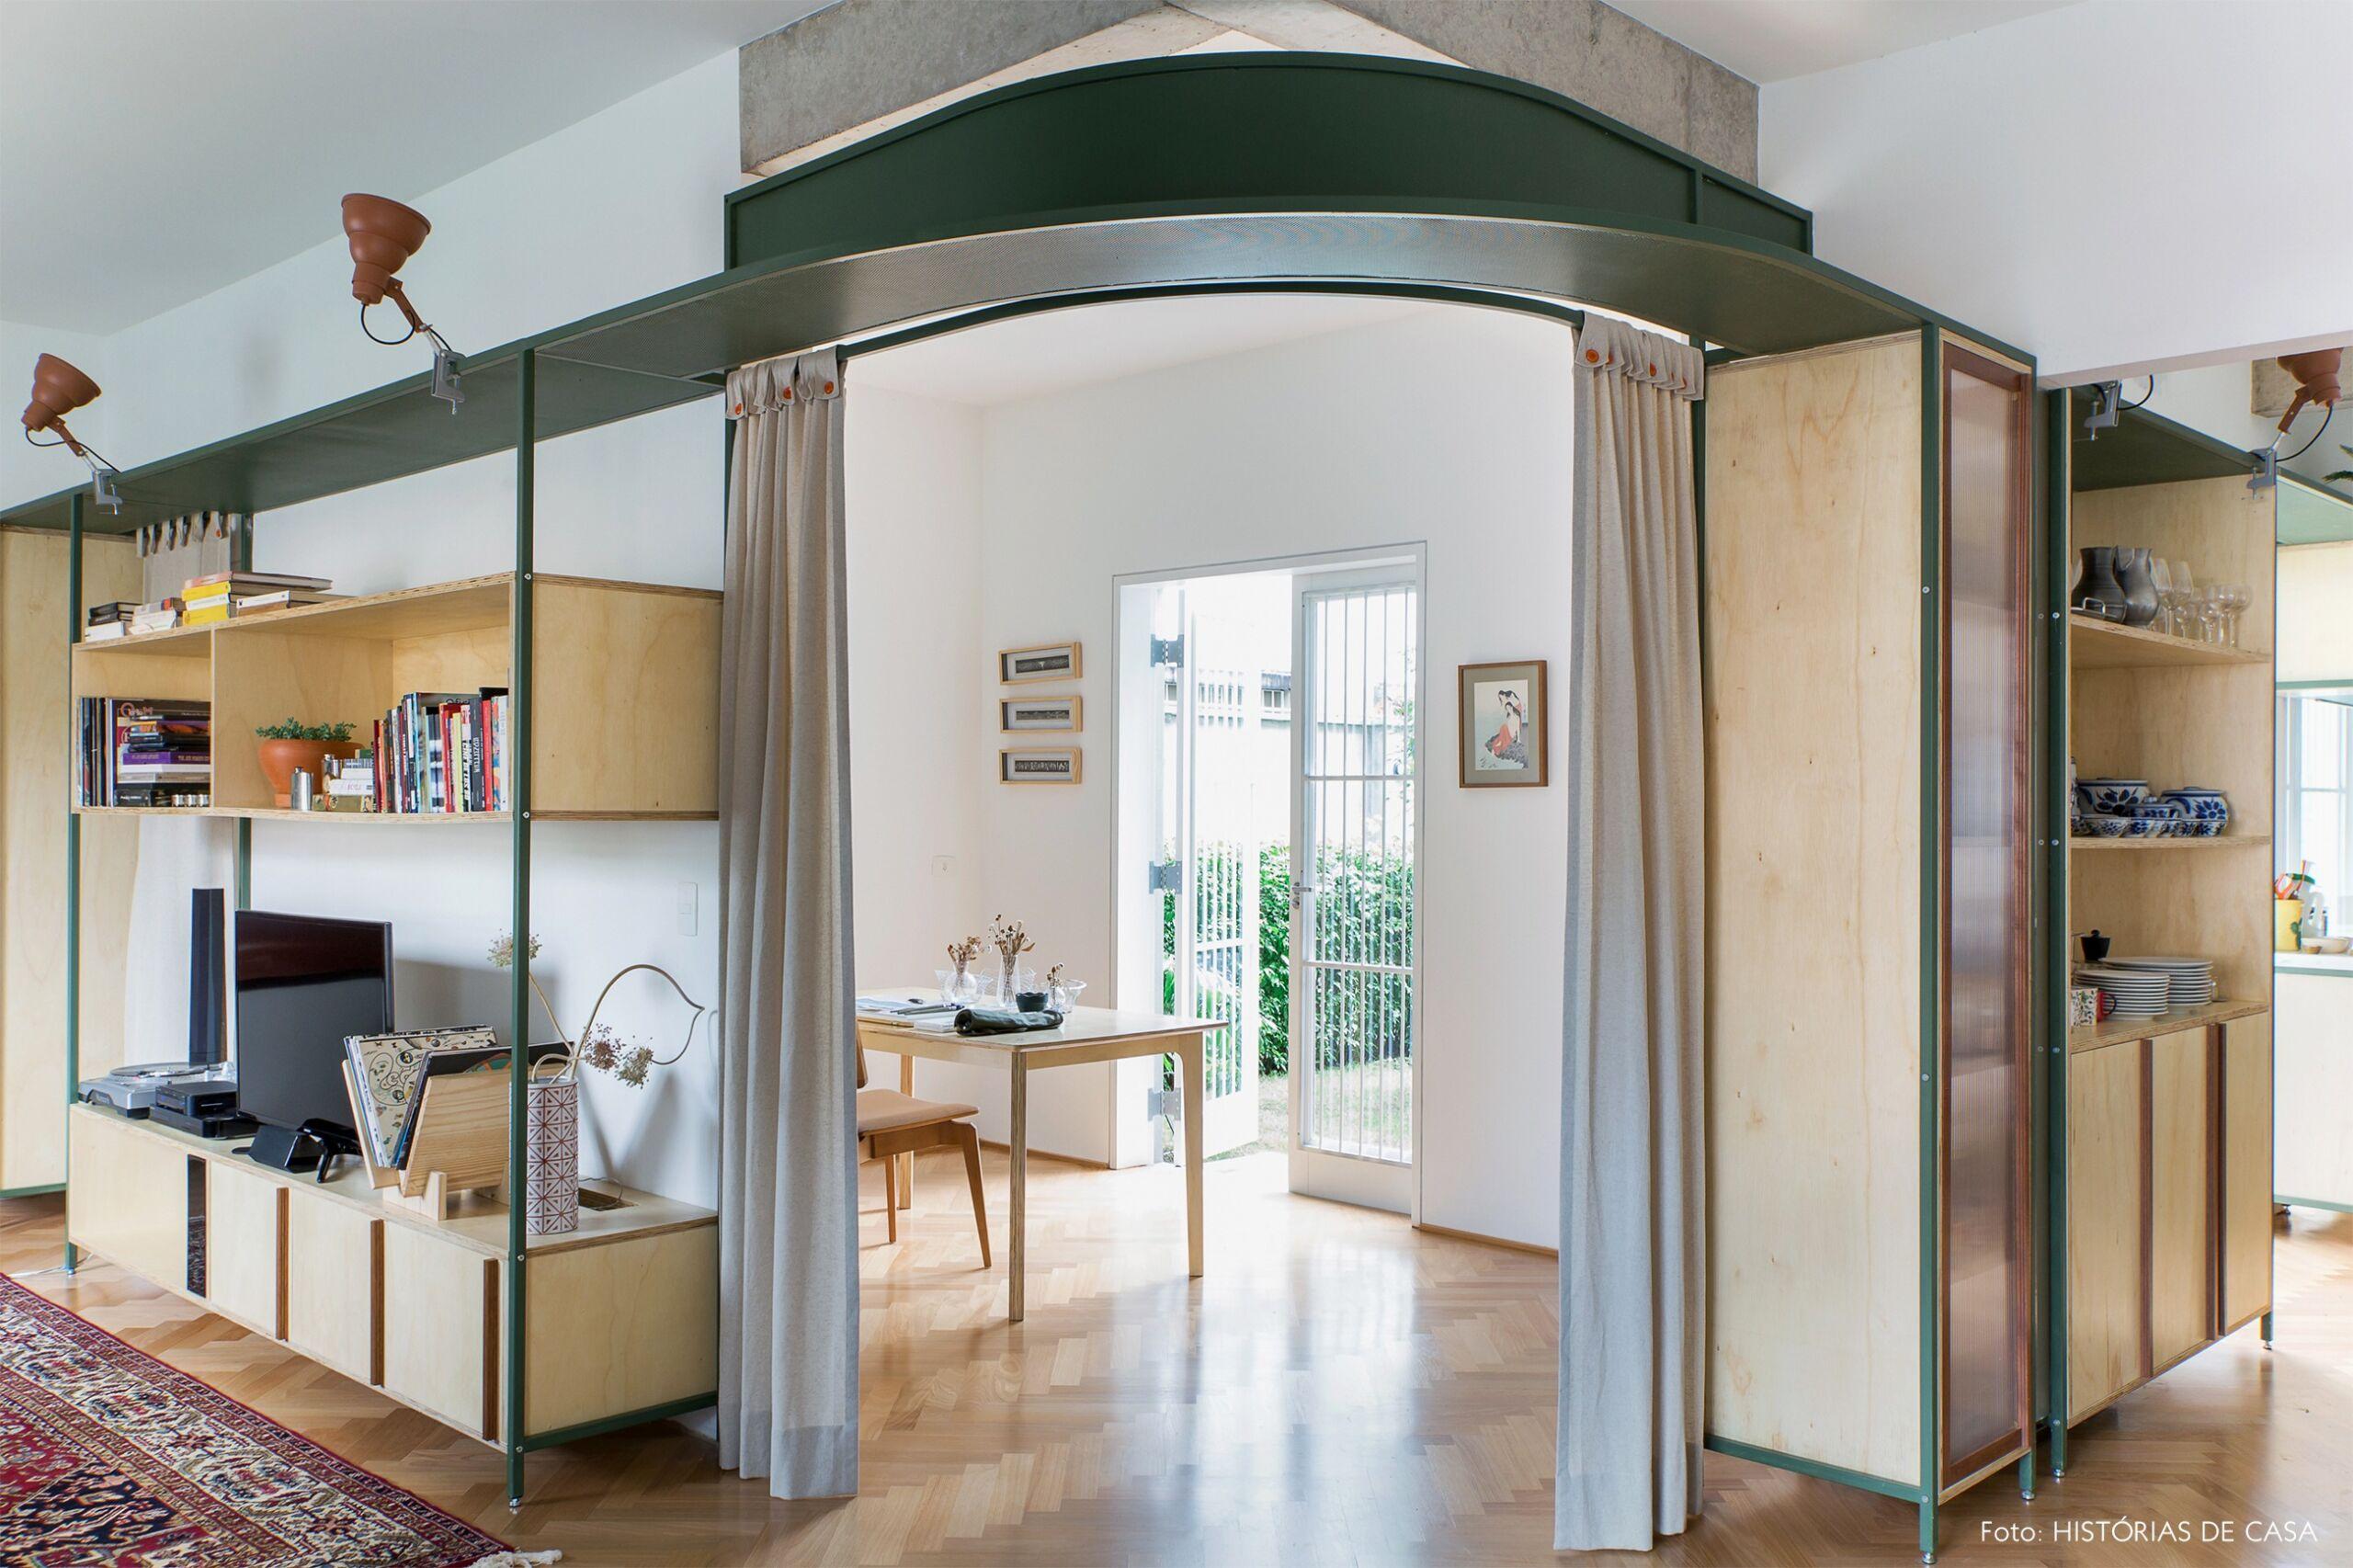 decoração apê cortina como divisória escritório sala e cozinha marcenaria